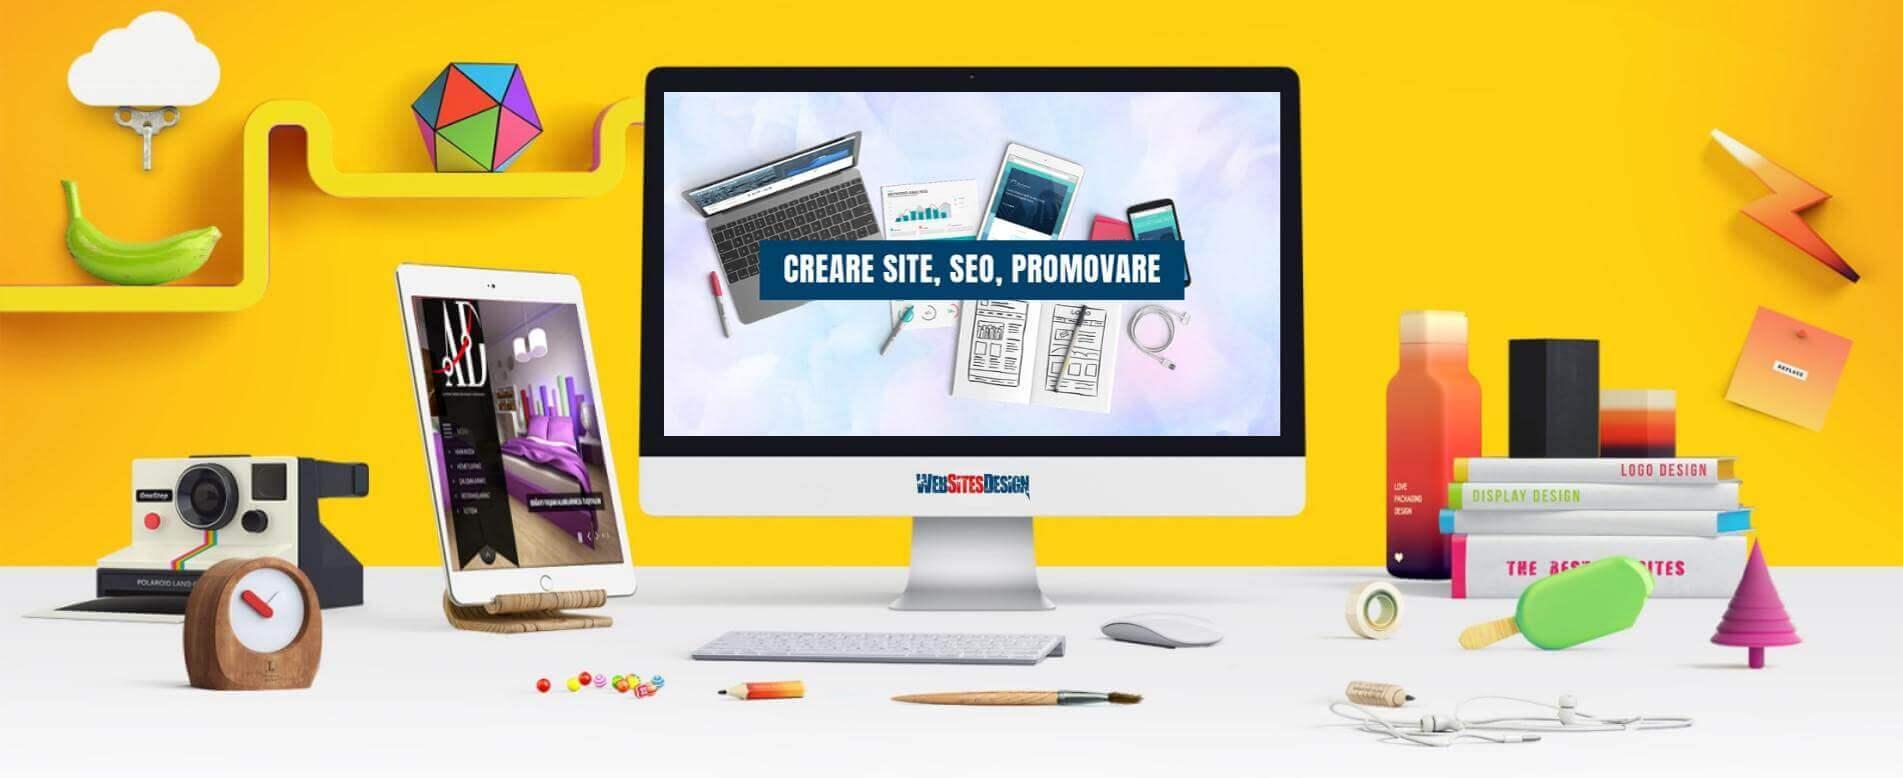 Creare site firma constructii for Creare design